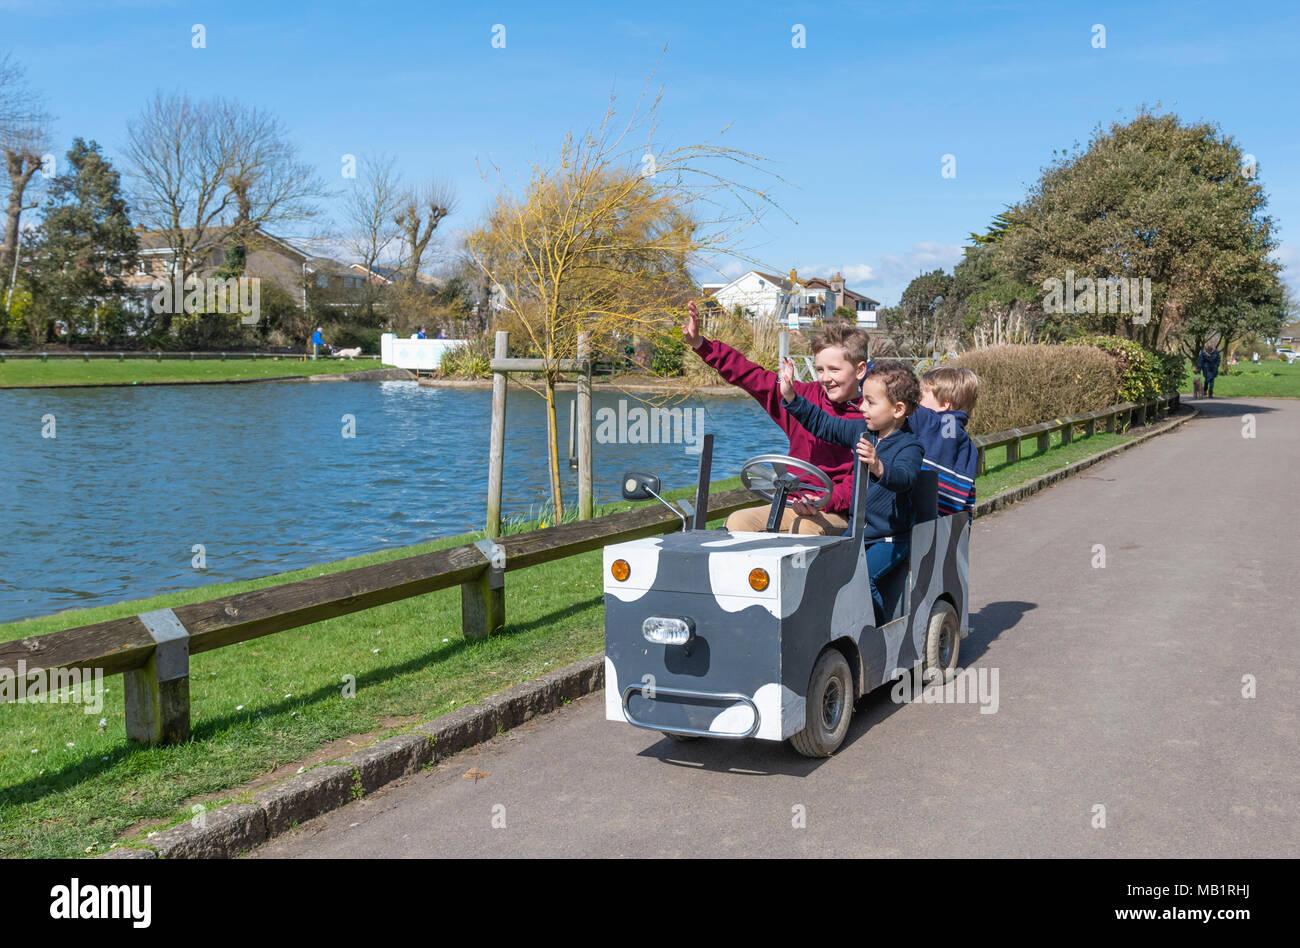 Kinder, die in eine Fahrt auf den motorisierten Kind in einem Park beim Wellenartig bewegen, um Menschen, in Großbritannien. Stockbild